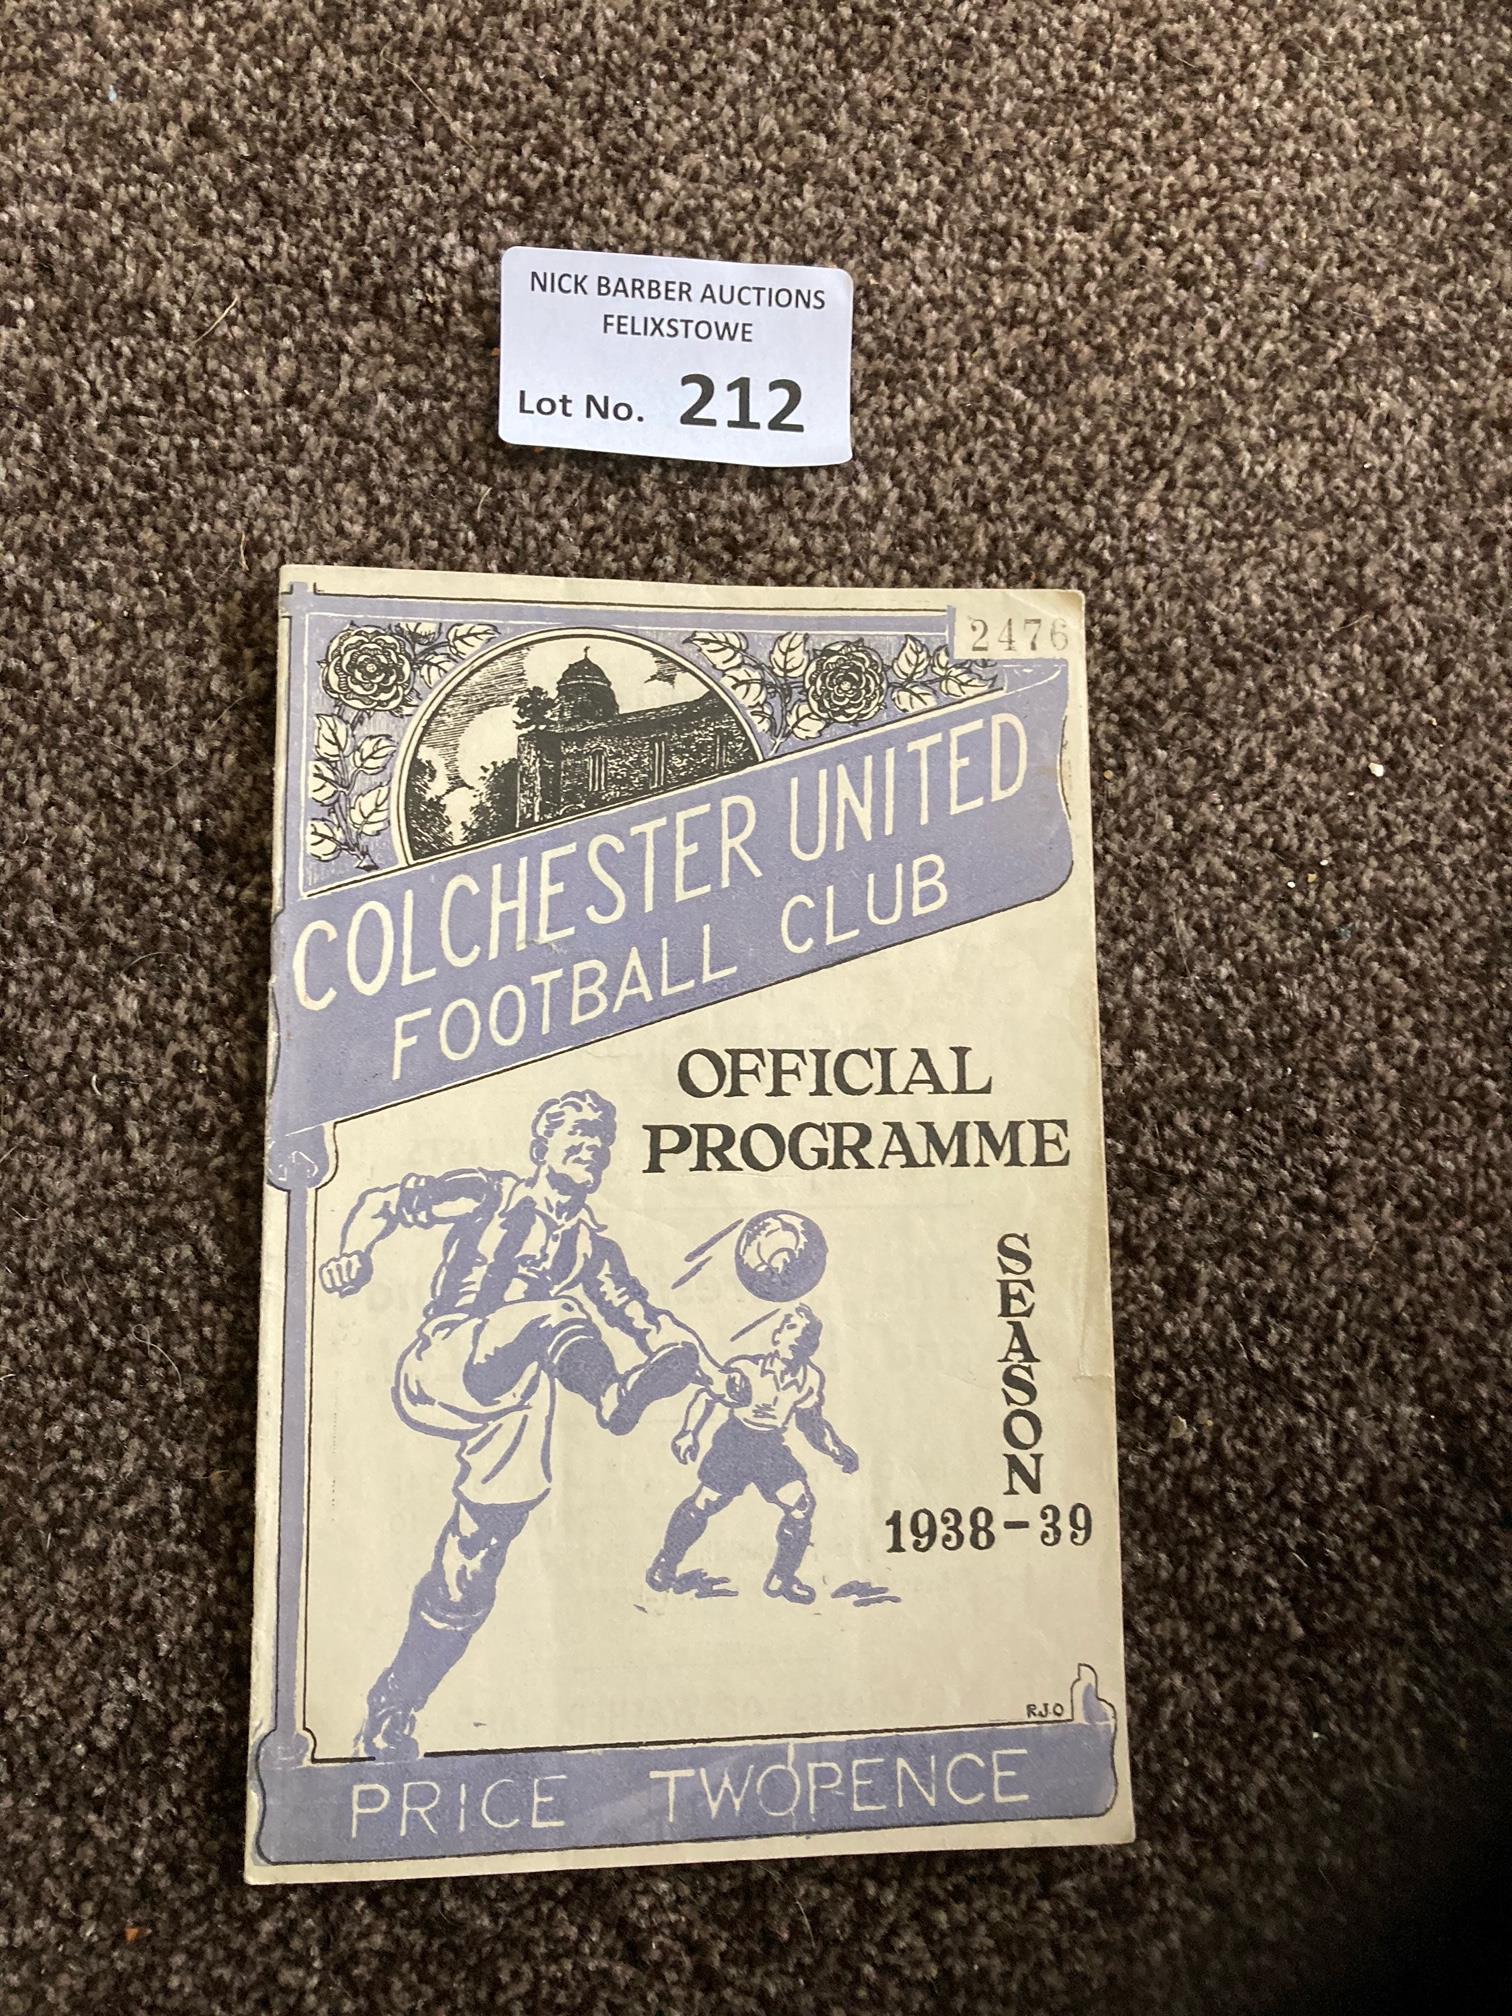 Football : Colchester - Arsenal v Tottenham 17/04/